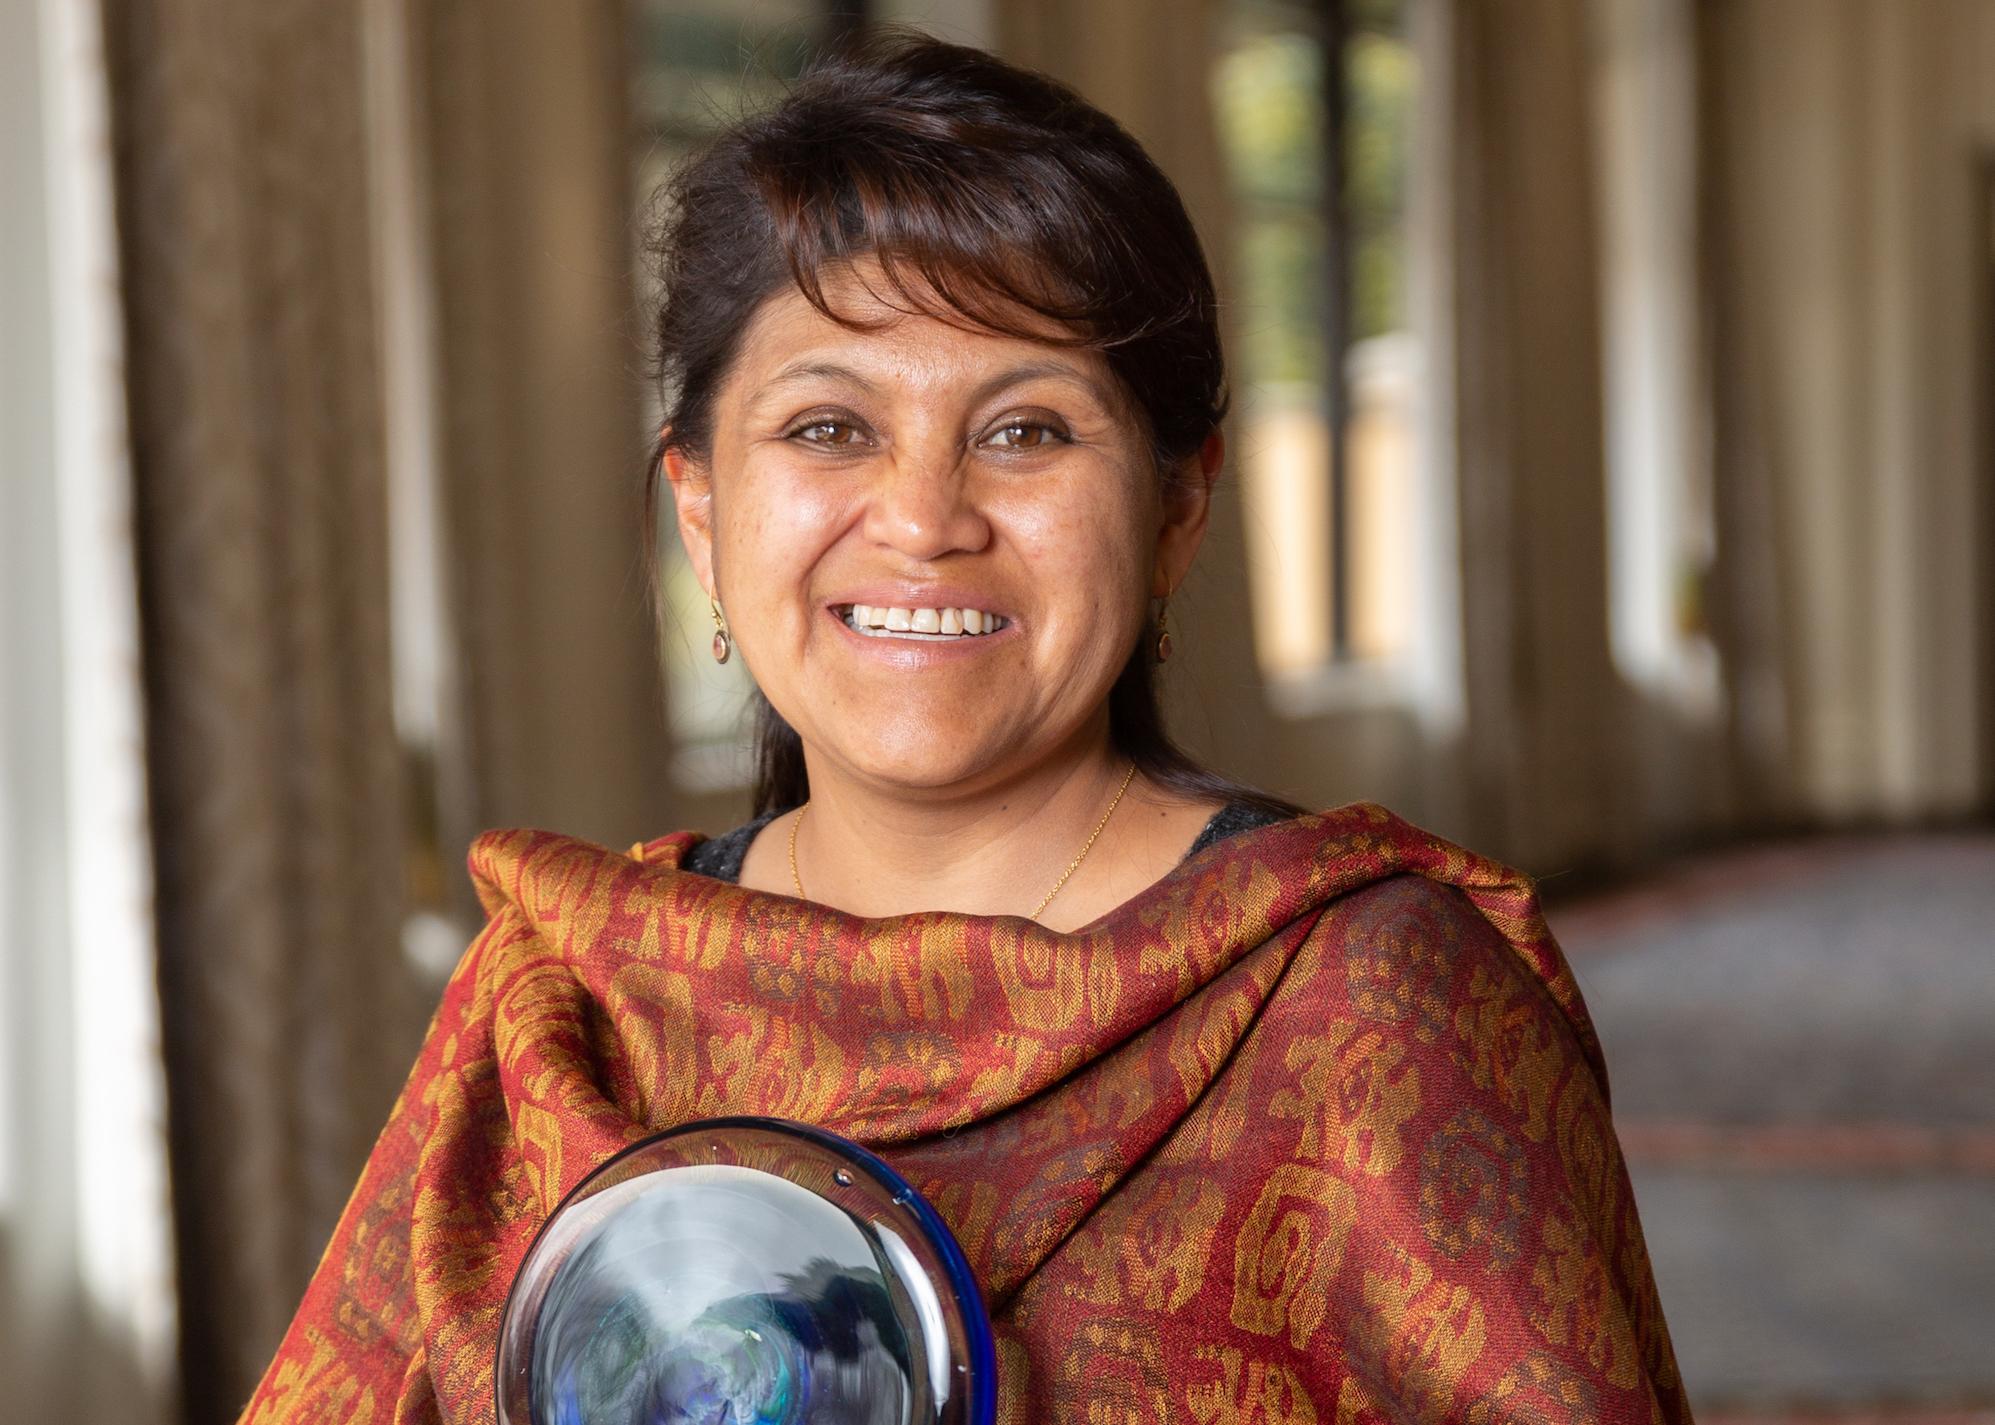 La bióloga Narel Paniagua-Zambrana, ganadora del premio de la Fundación Elsevier, ha pedido al presidente Evo Morales que se declare el Día Nacional de la Mujer Científica Boliviana. Foto: Fundación Elsevier.